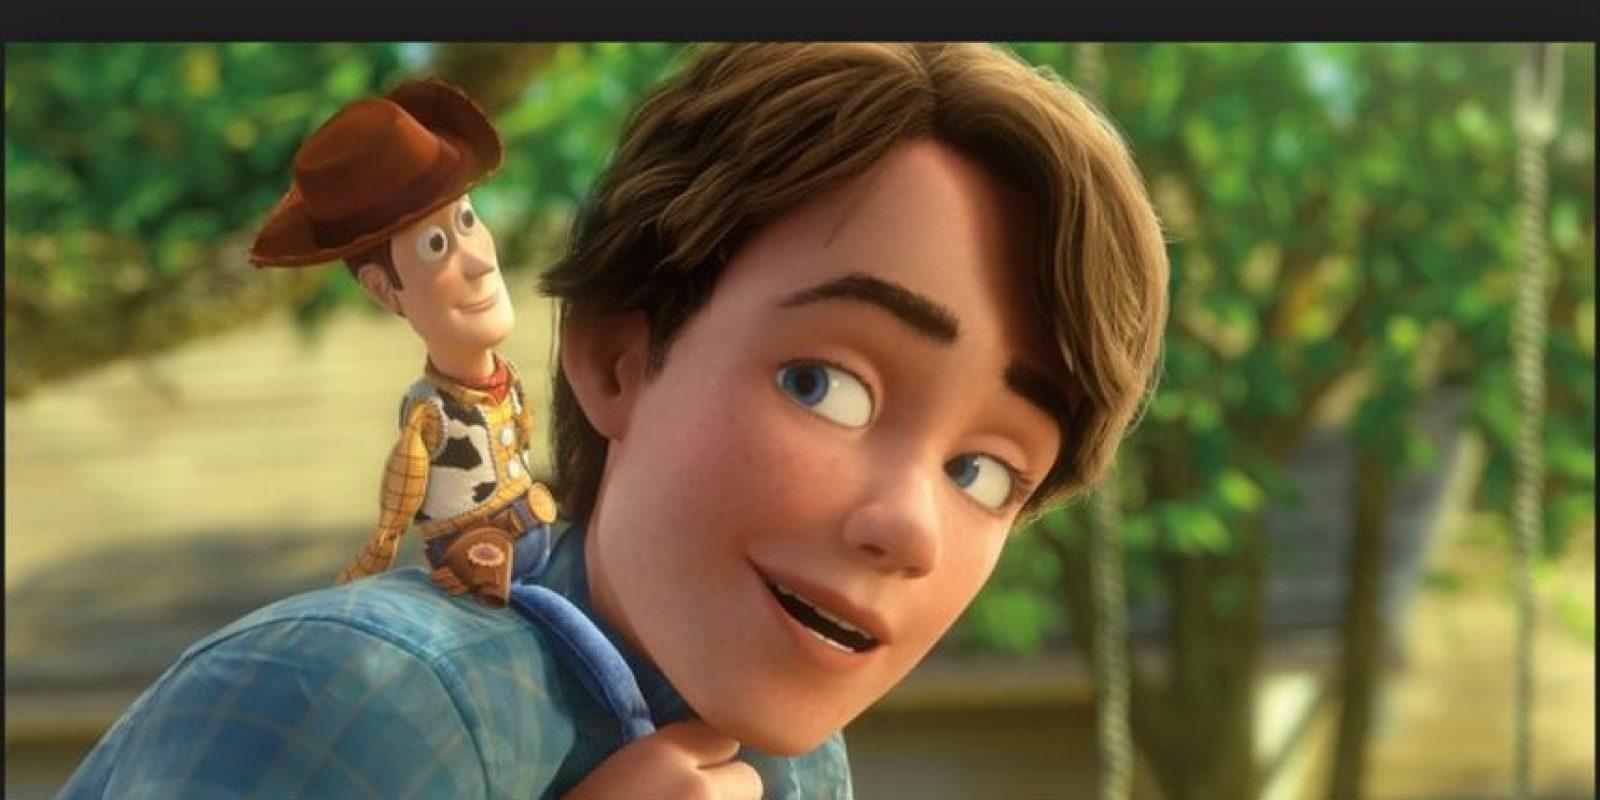 Que en la tercera parte ya tiene 17 años de edad Foto:Disney/Pixar